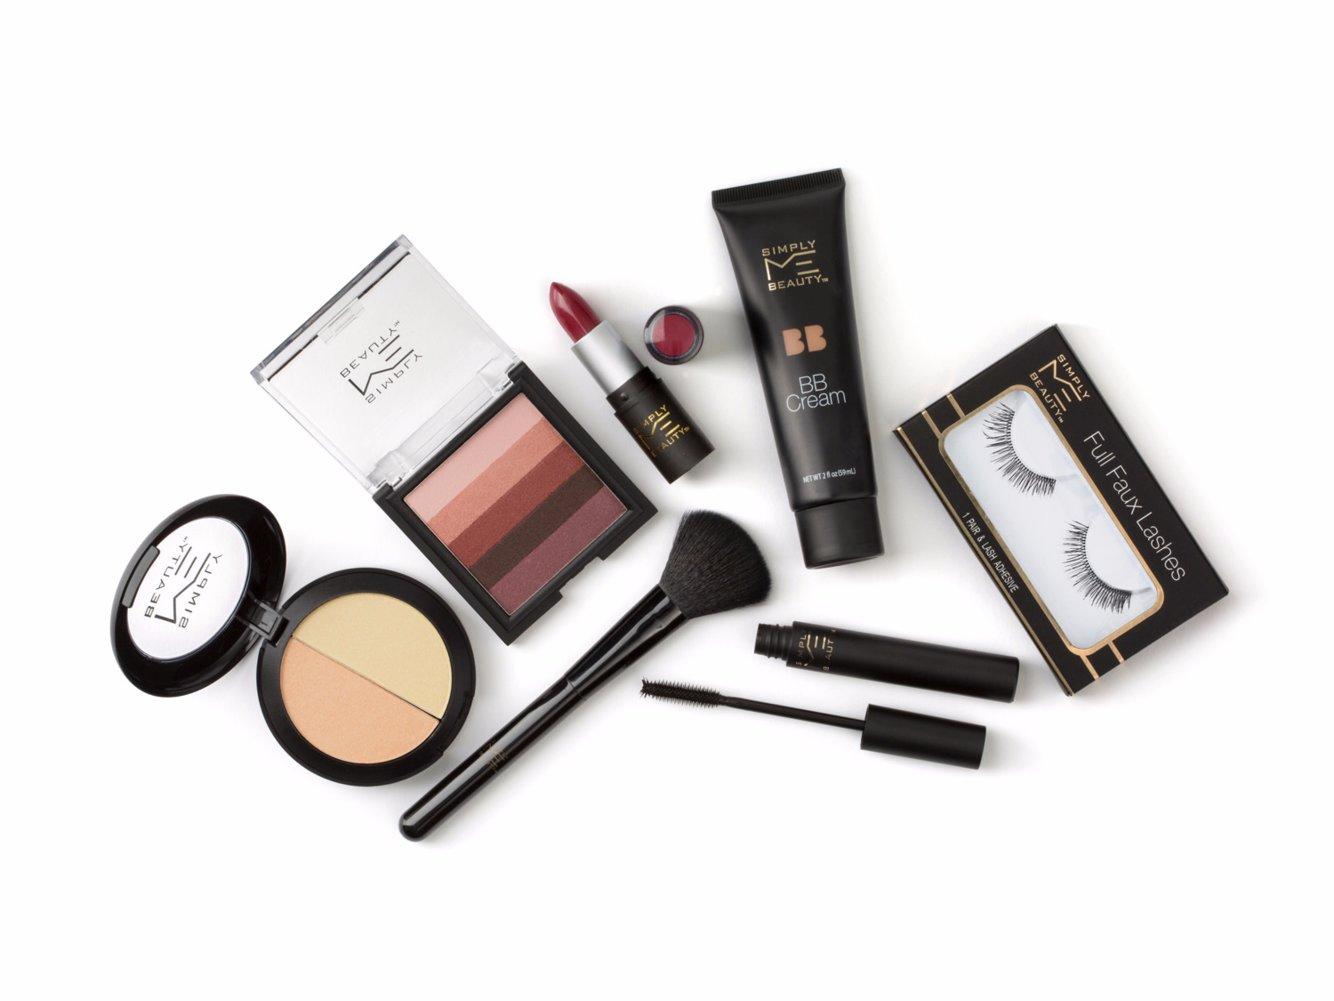 7,Elevenの製品開発部門マネージャーのLindsay  Robertson氏は「ミレニアル世代の女性が手頃な価格で色々な色を試しているため、美容産業はコストパフォーマンスの高い